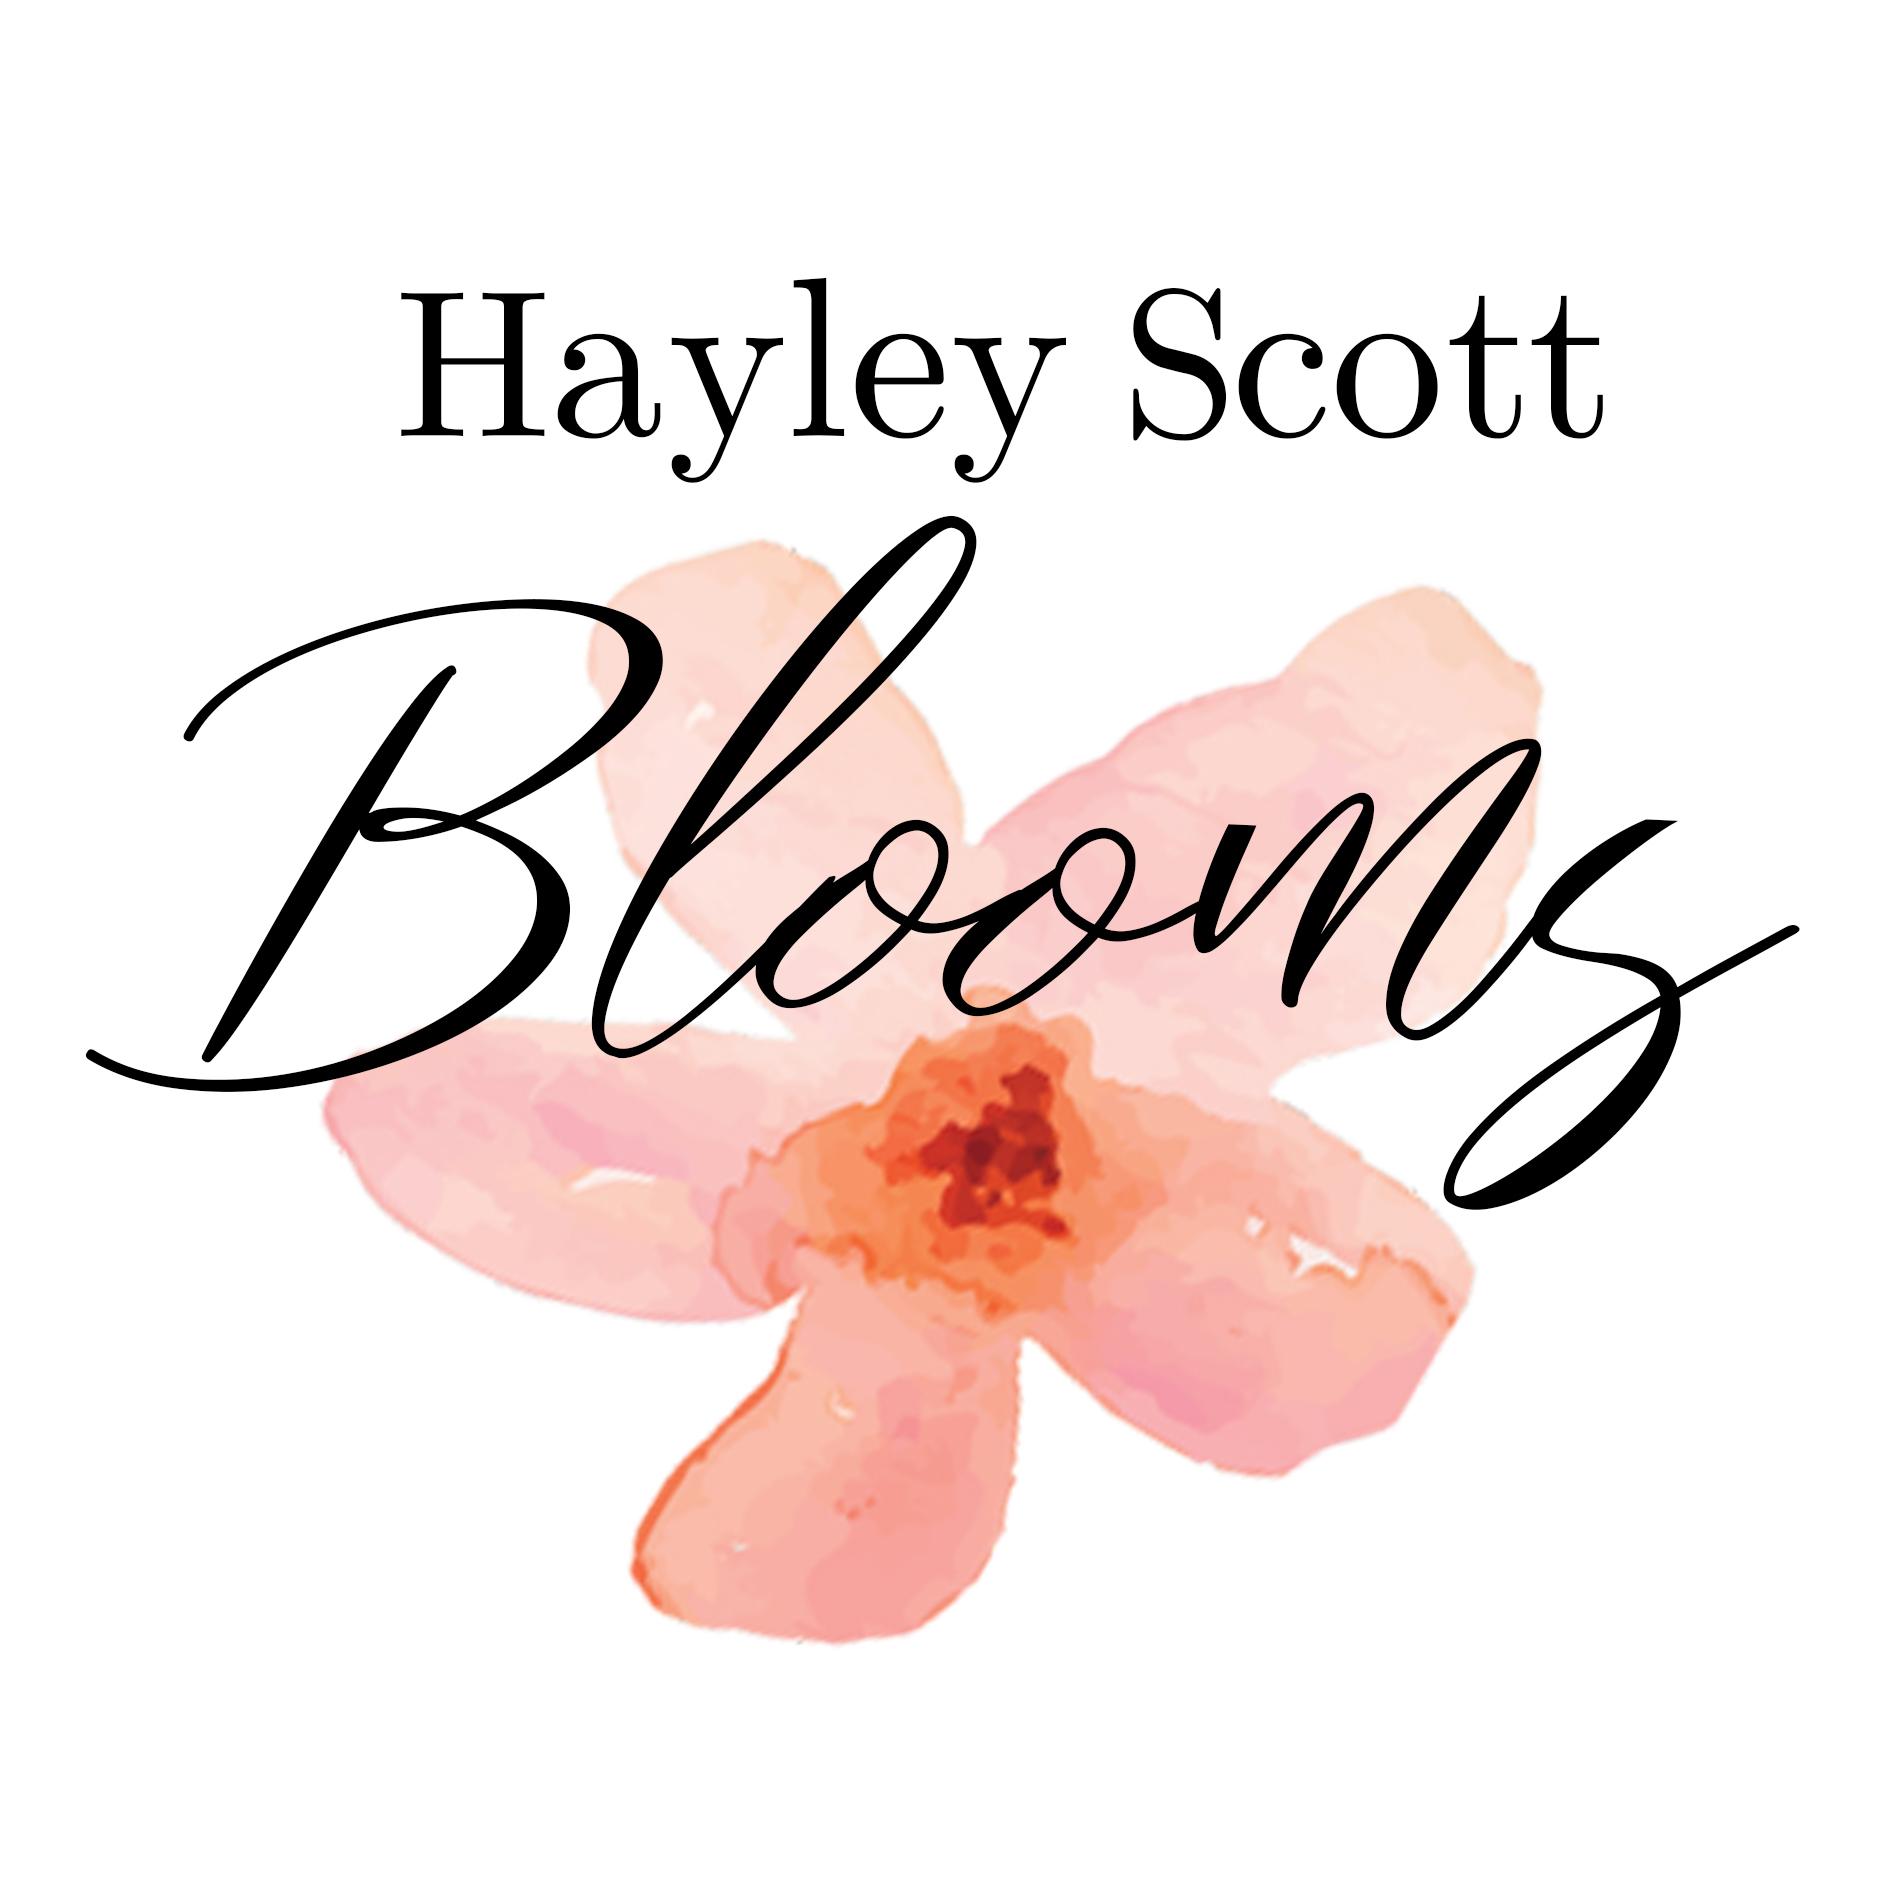 Hayley Scott Blooms